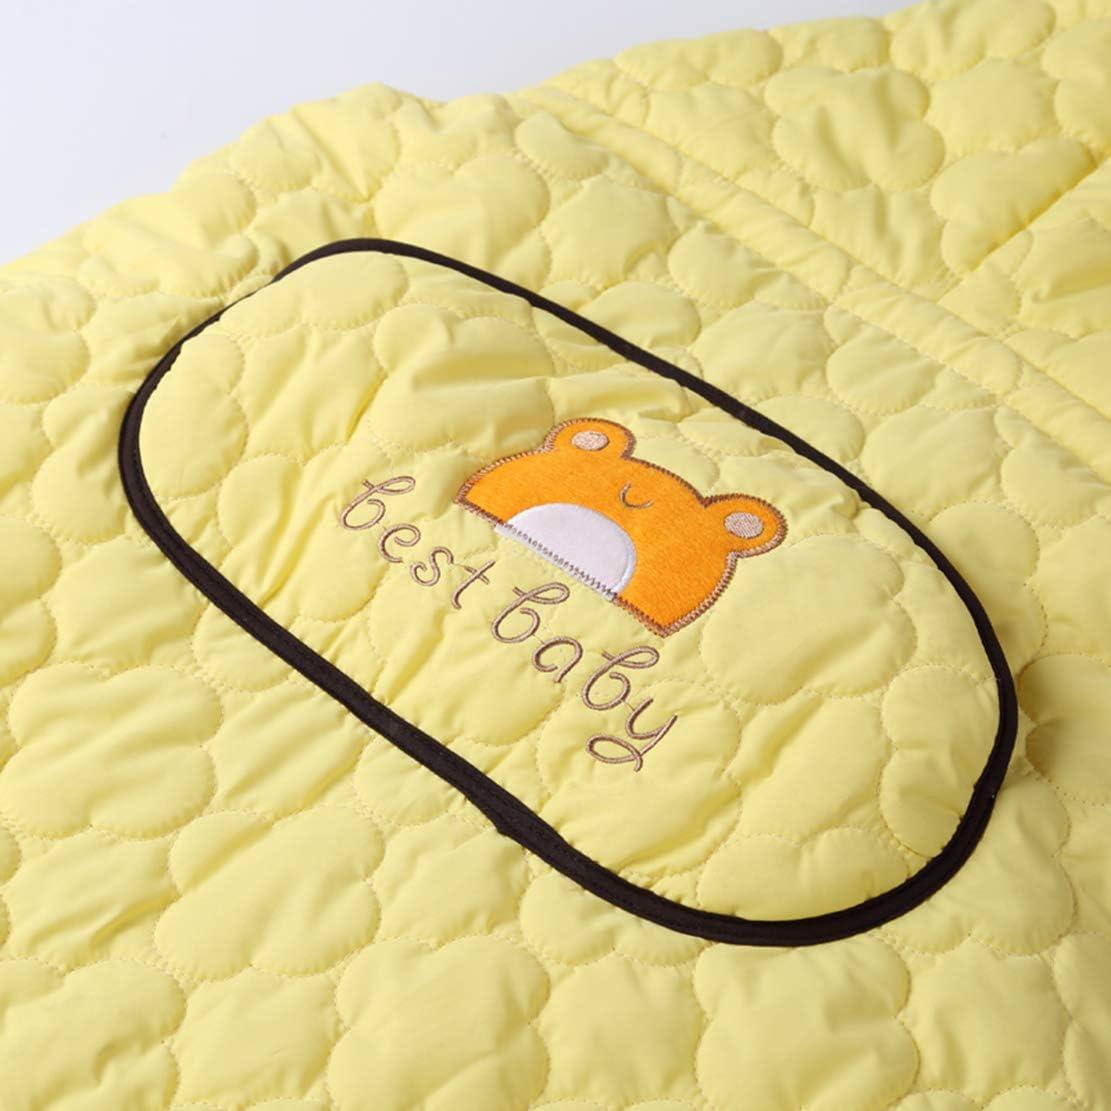 Beb/é Portador de Manta Capa Invierno A Prueba de Viento Impermeable Espesar Multifuncional Cobertor para portabeb/és para Reci/én Nacidos//Beb/és Manos Libres al Aire Libre Esencial Cubierta Portabebe